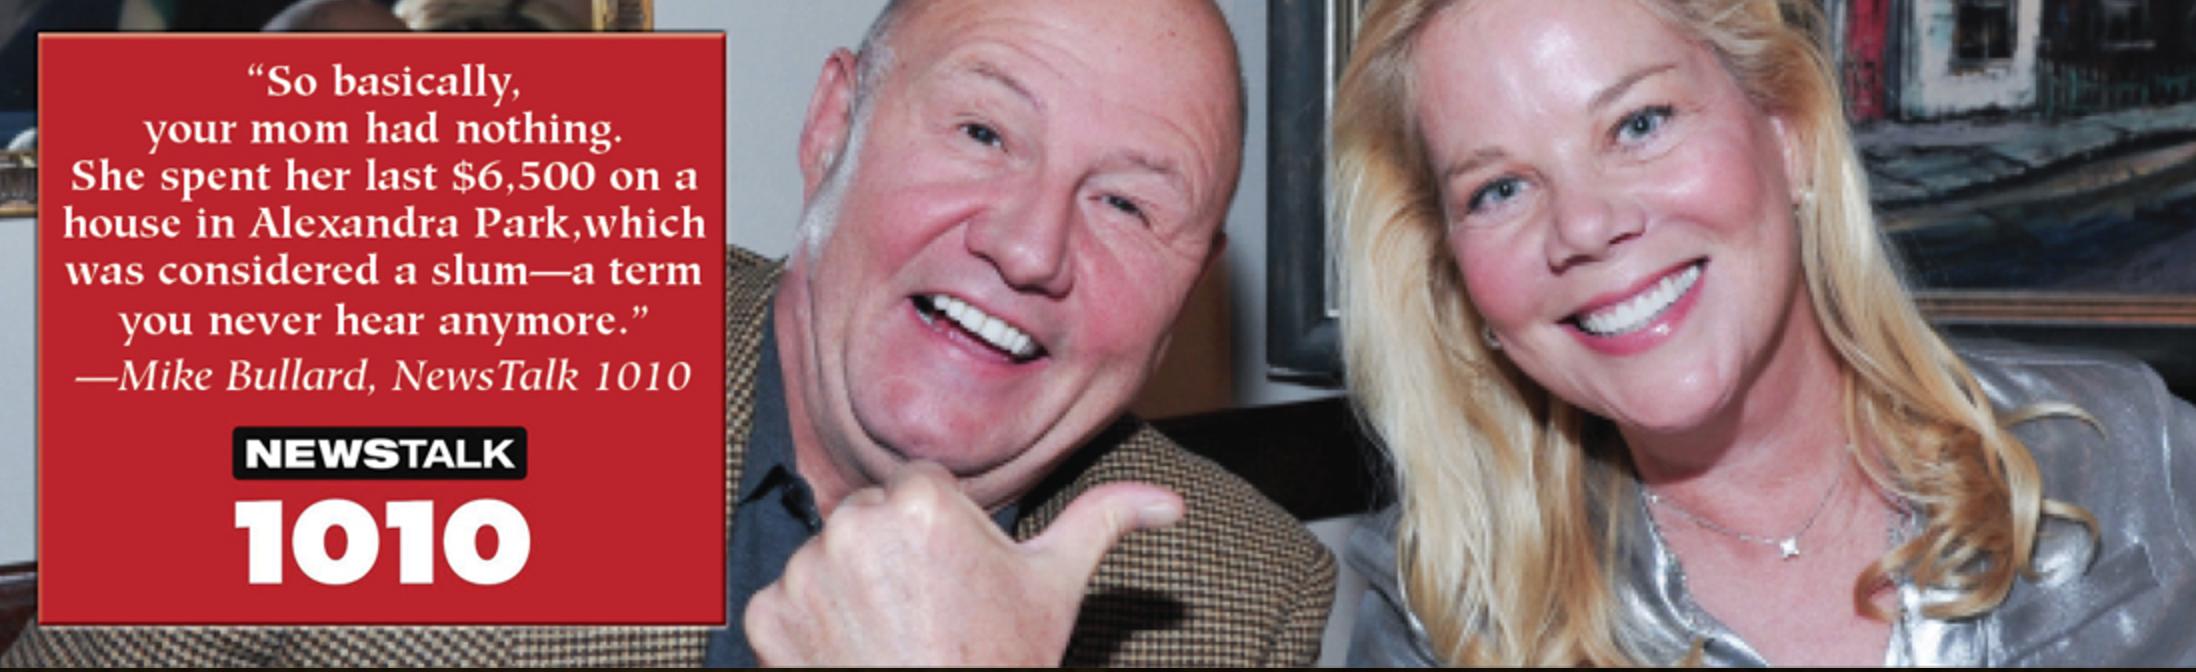 Velvet Haney on NewsTalk 1010 with Mike Bullard